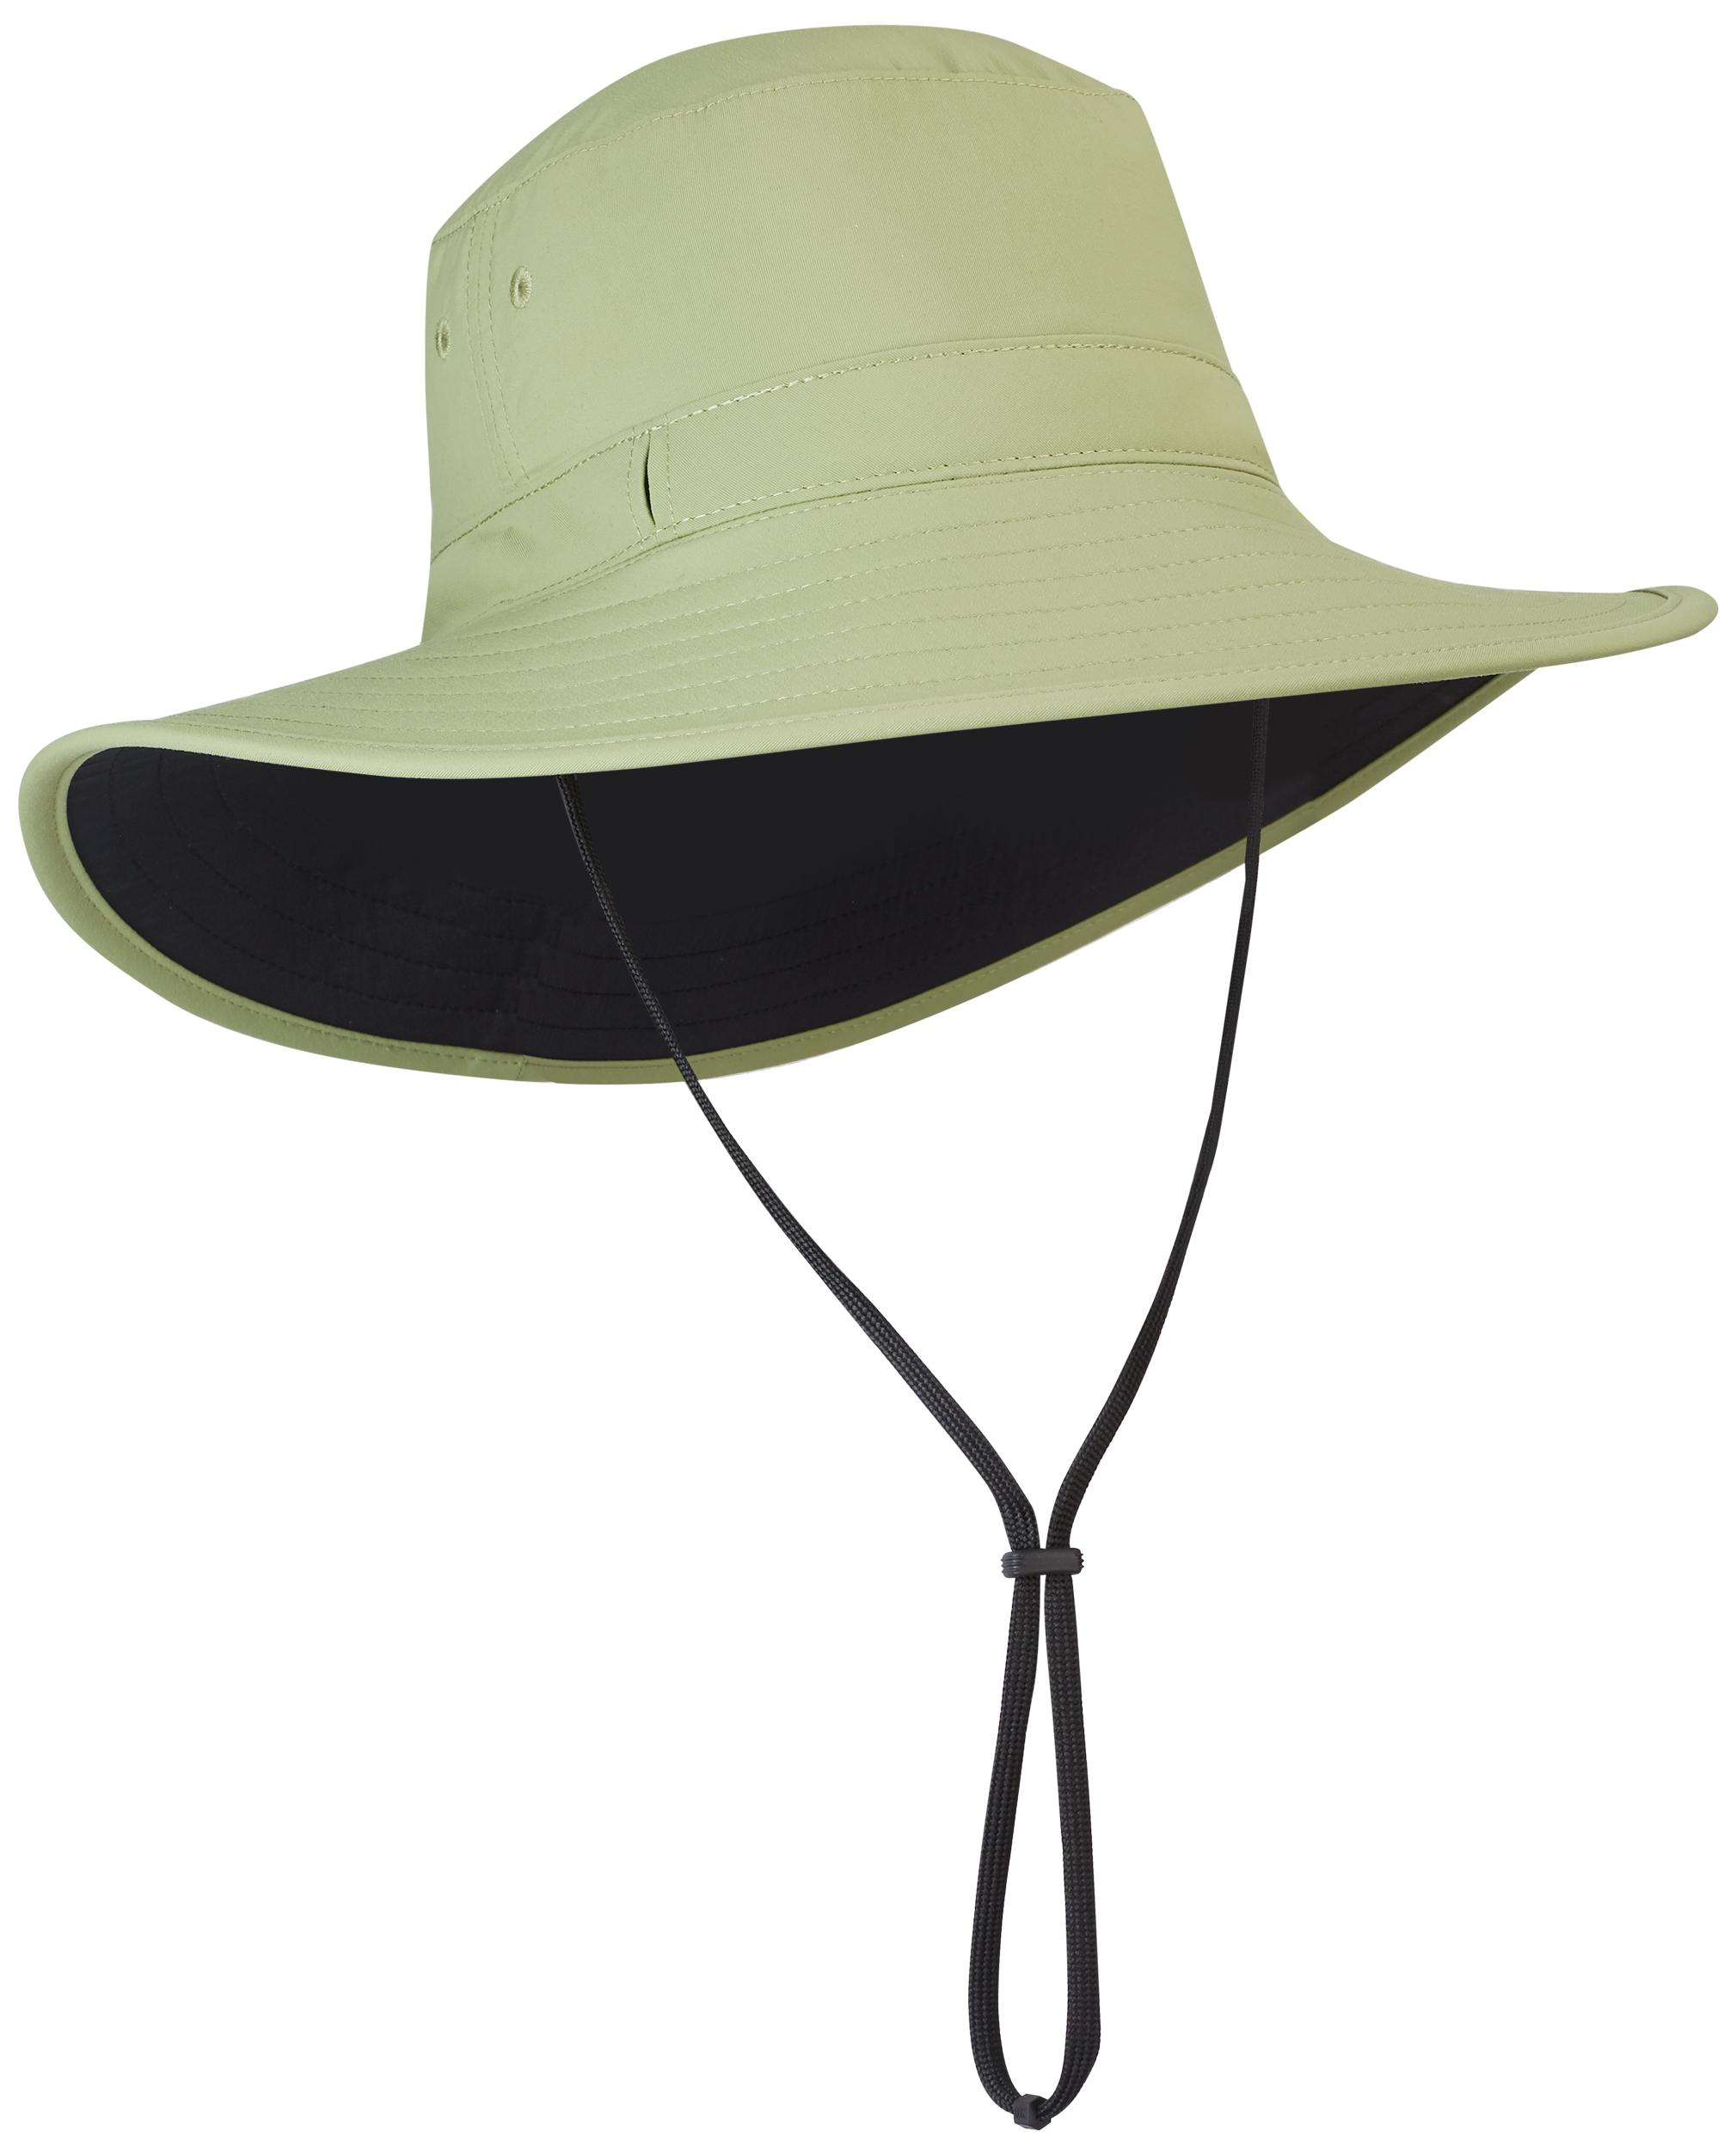 70404b3363454 Sun hats